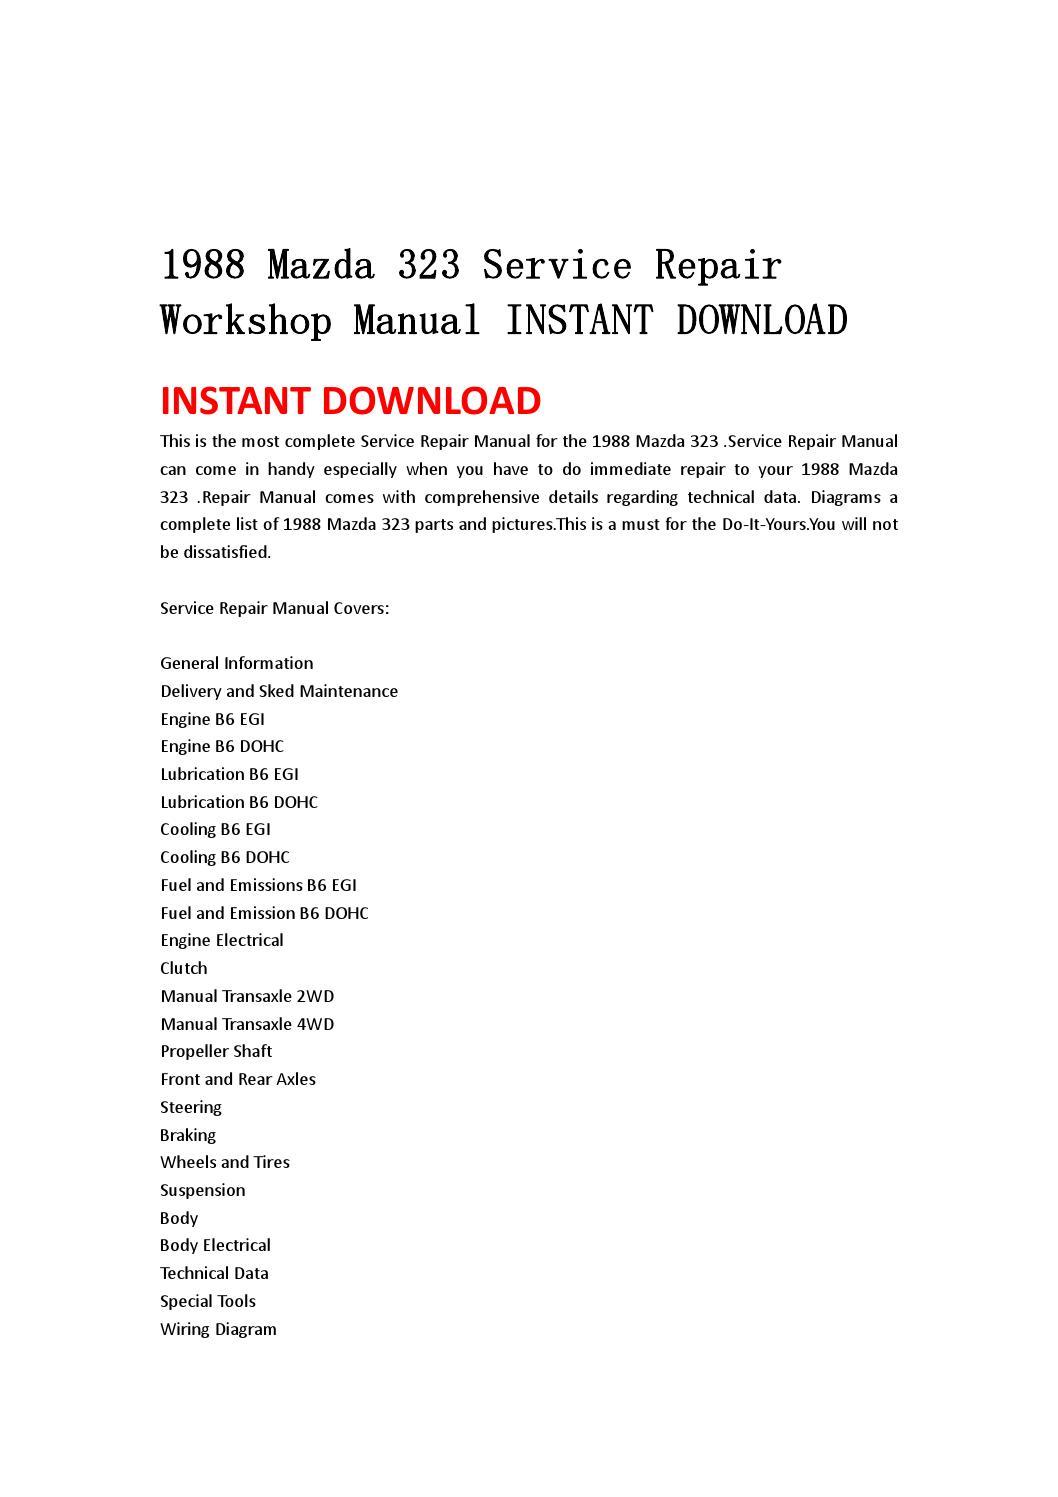 Mps 70 Service Manual Vwvortexcom City Lights Banana Flash Wiring Diagram Array Rh Elzplorers De